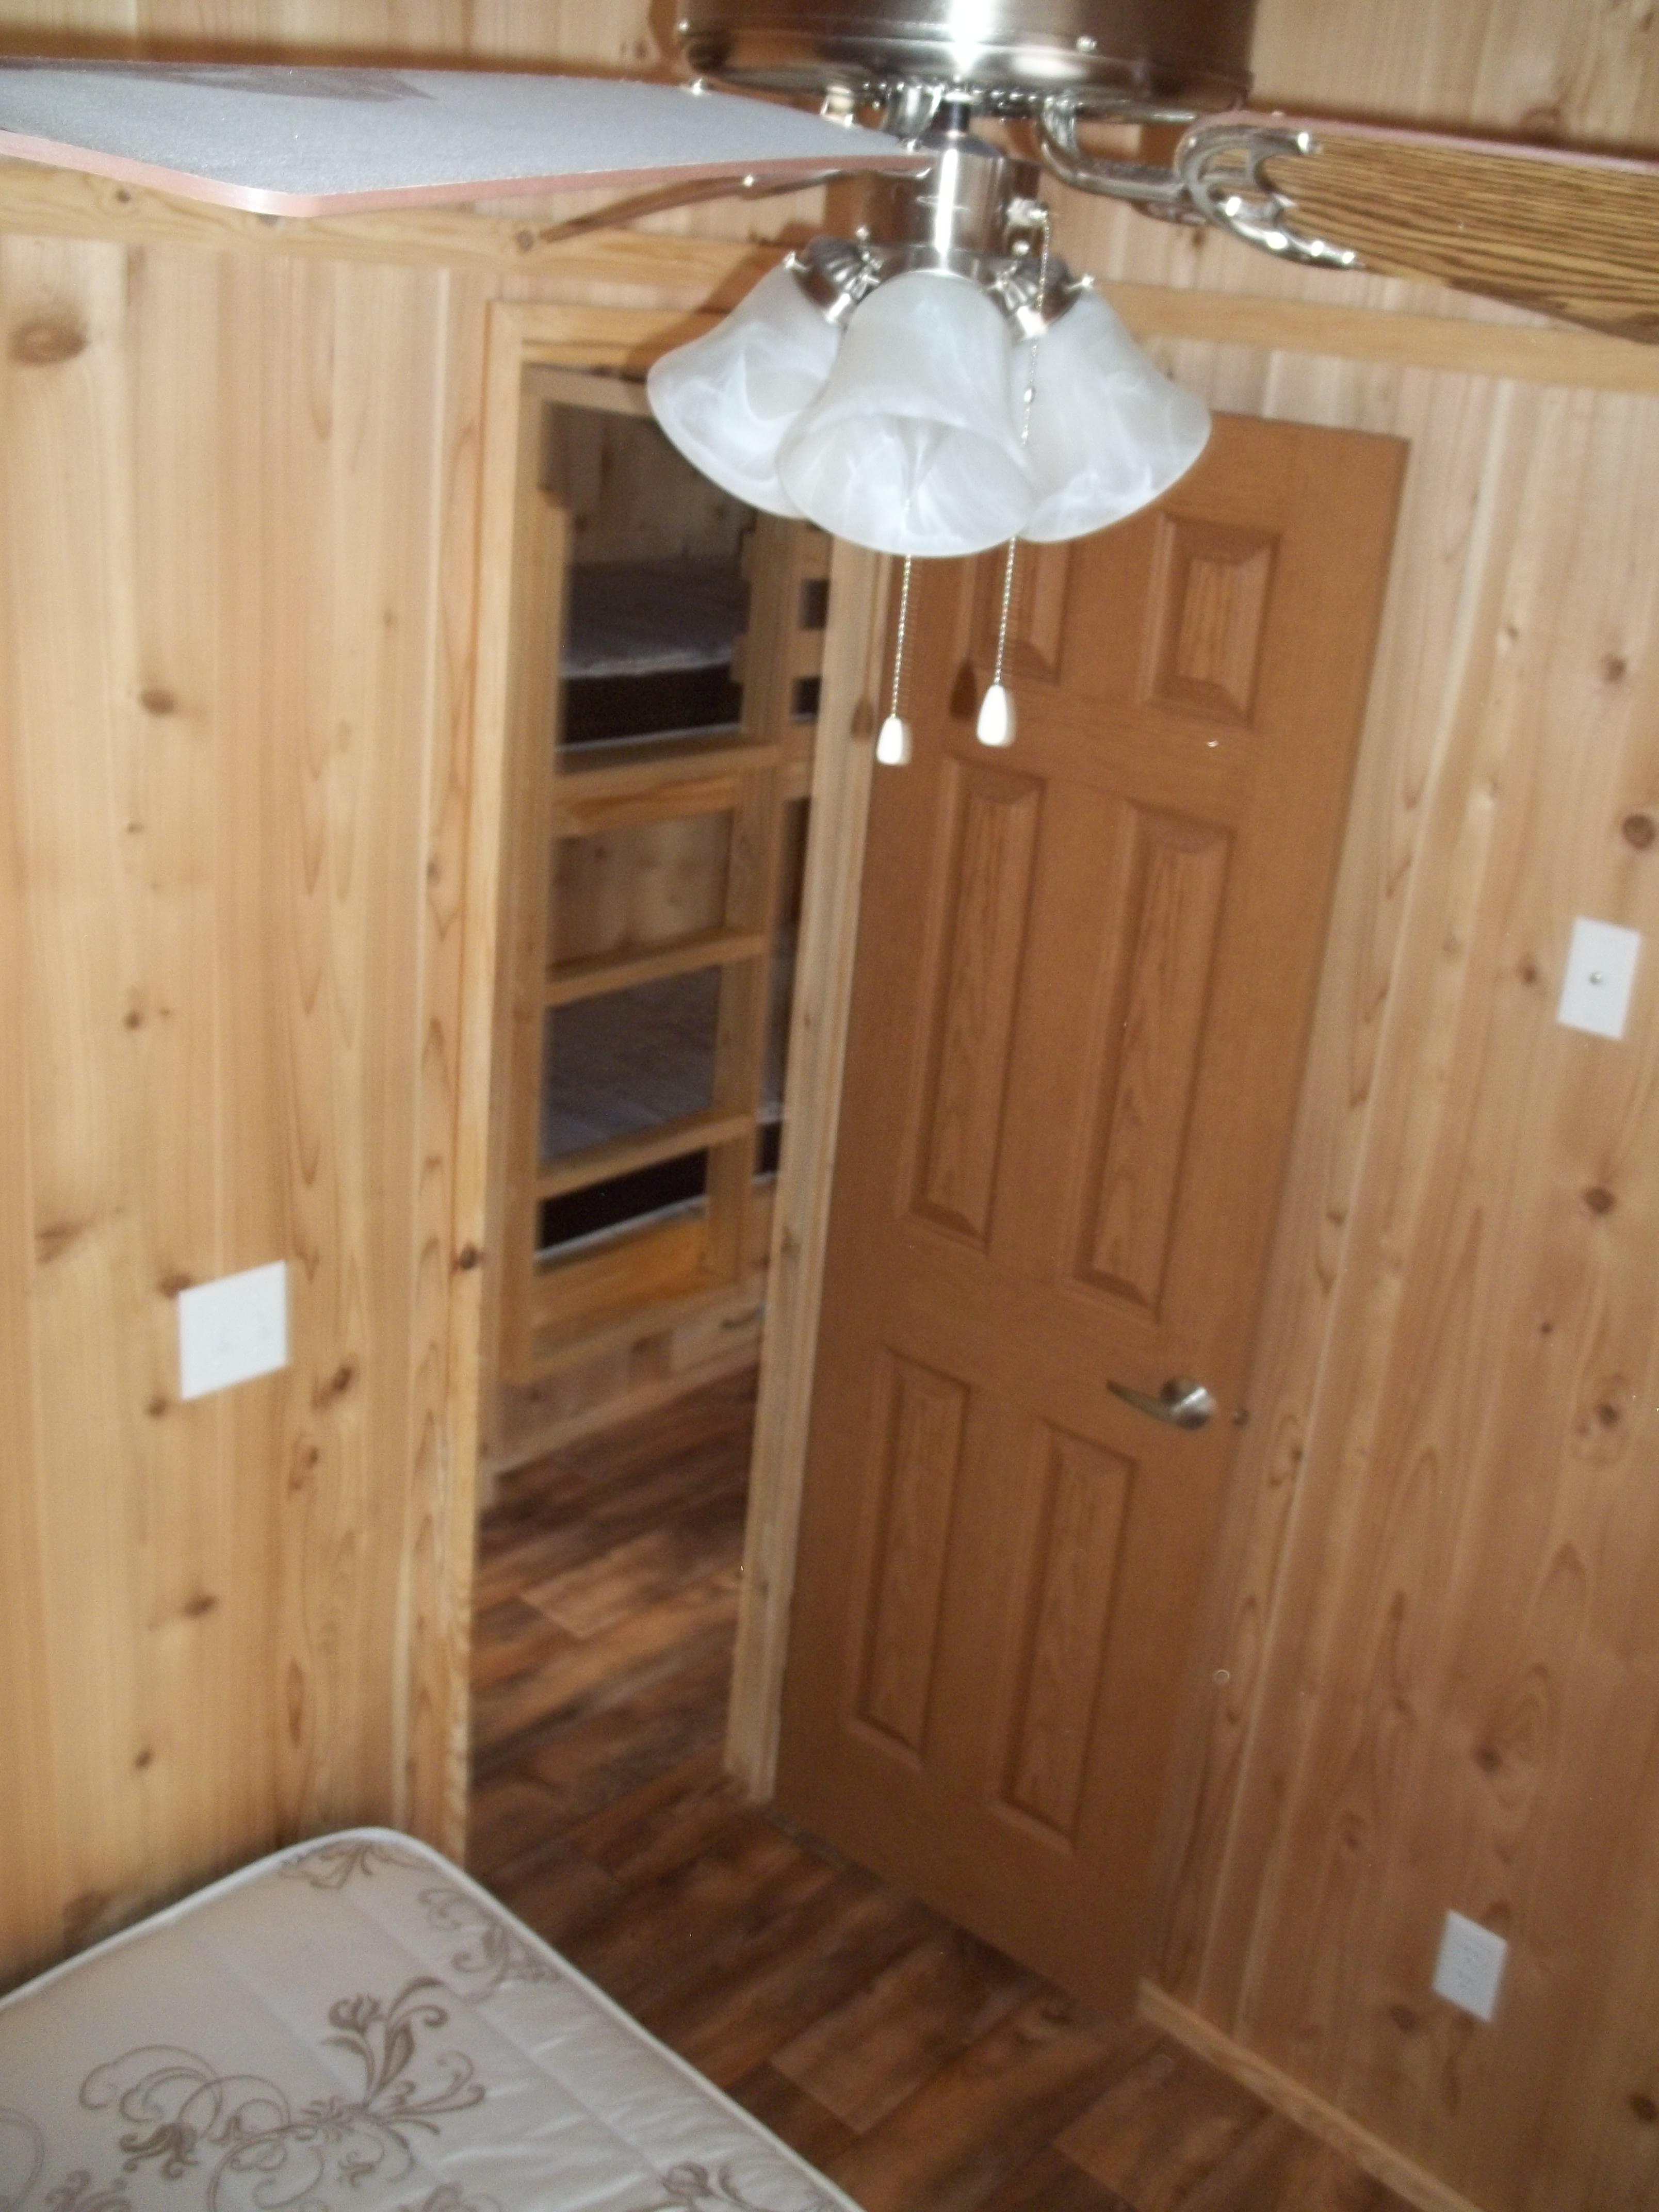 P3bedroom2